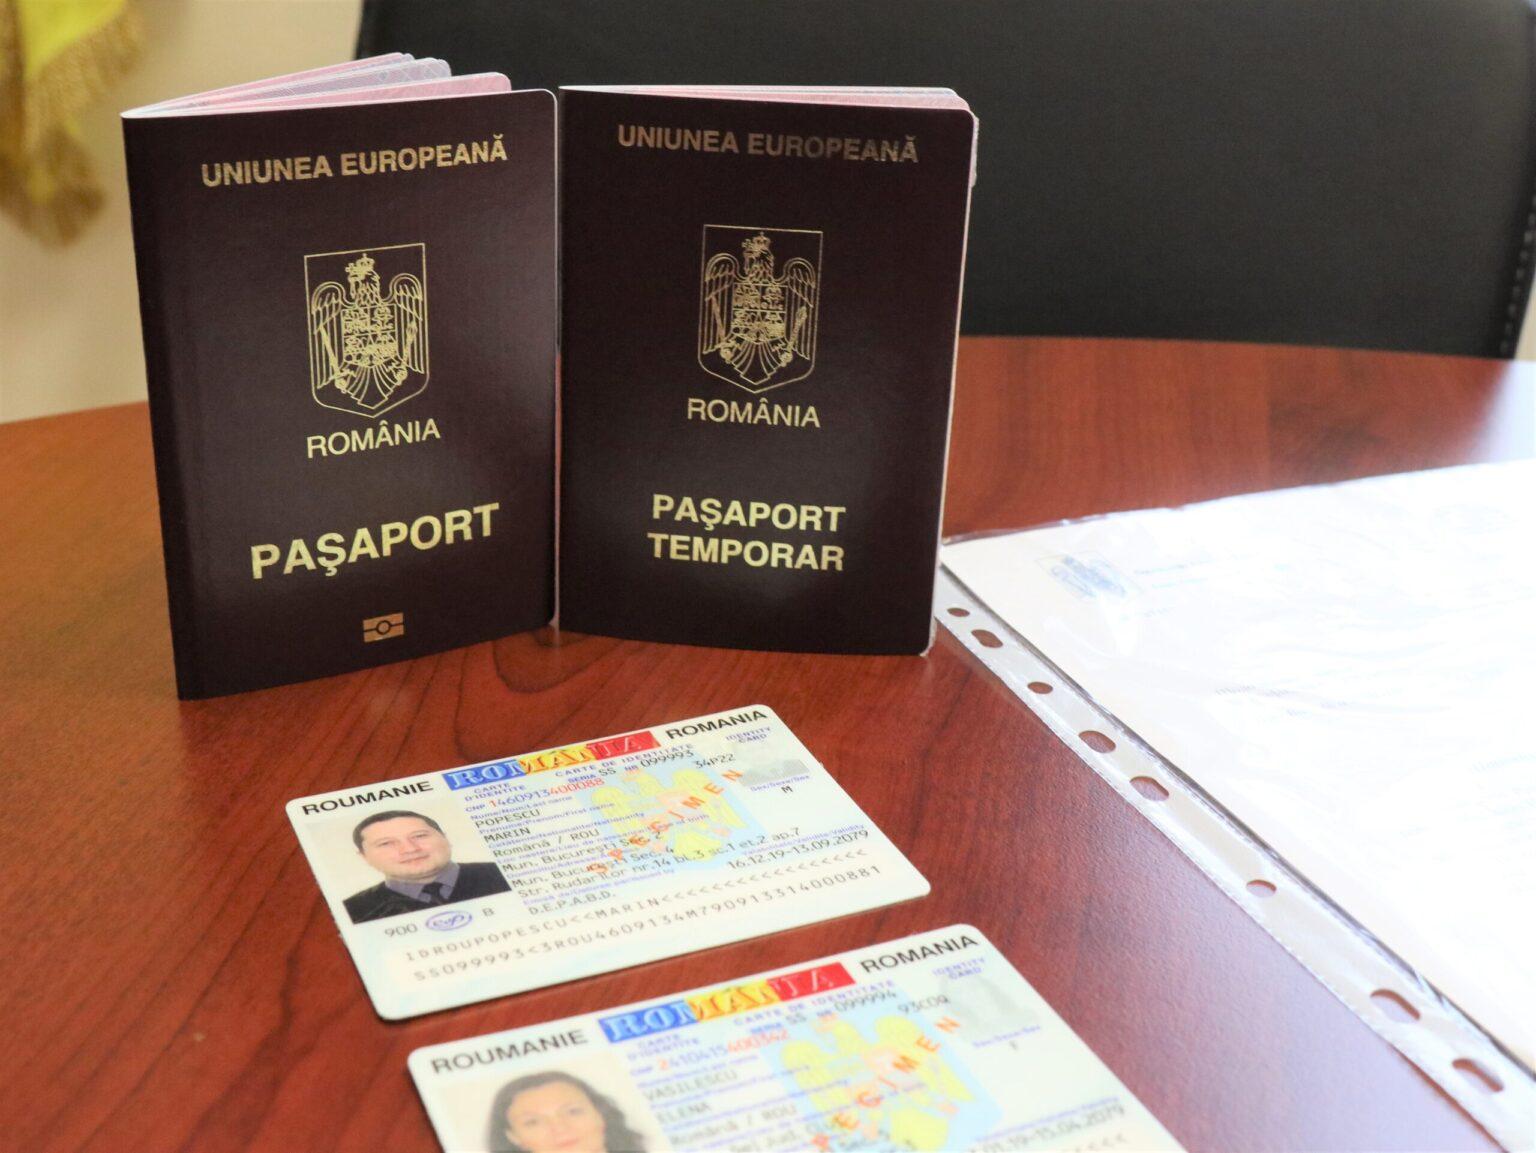 експерти Київського НДІСЕ отримали зразки румунських ідентифікаційних документів